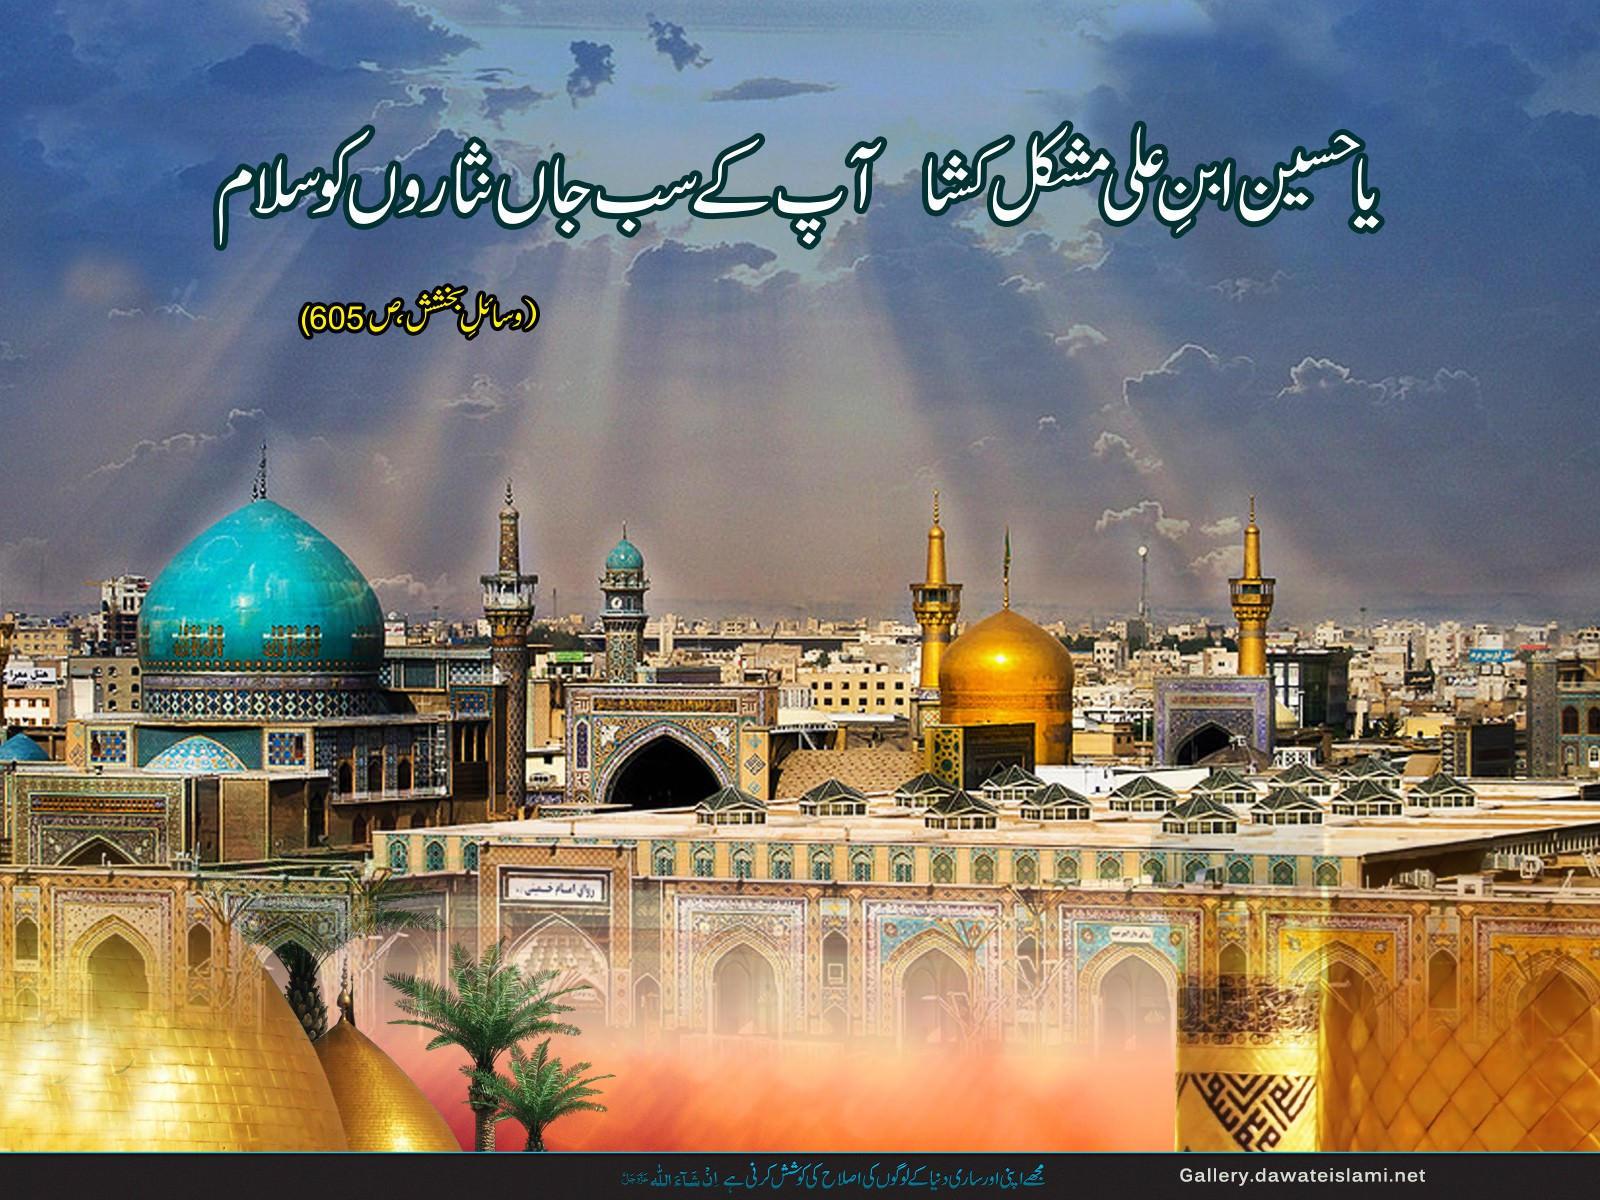 ya hussain ibn ali mushkil kusha - Muharram Wallpaper